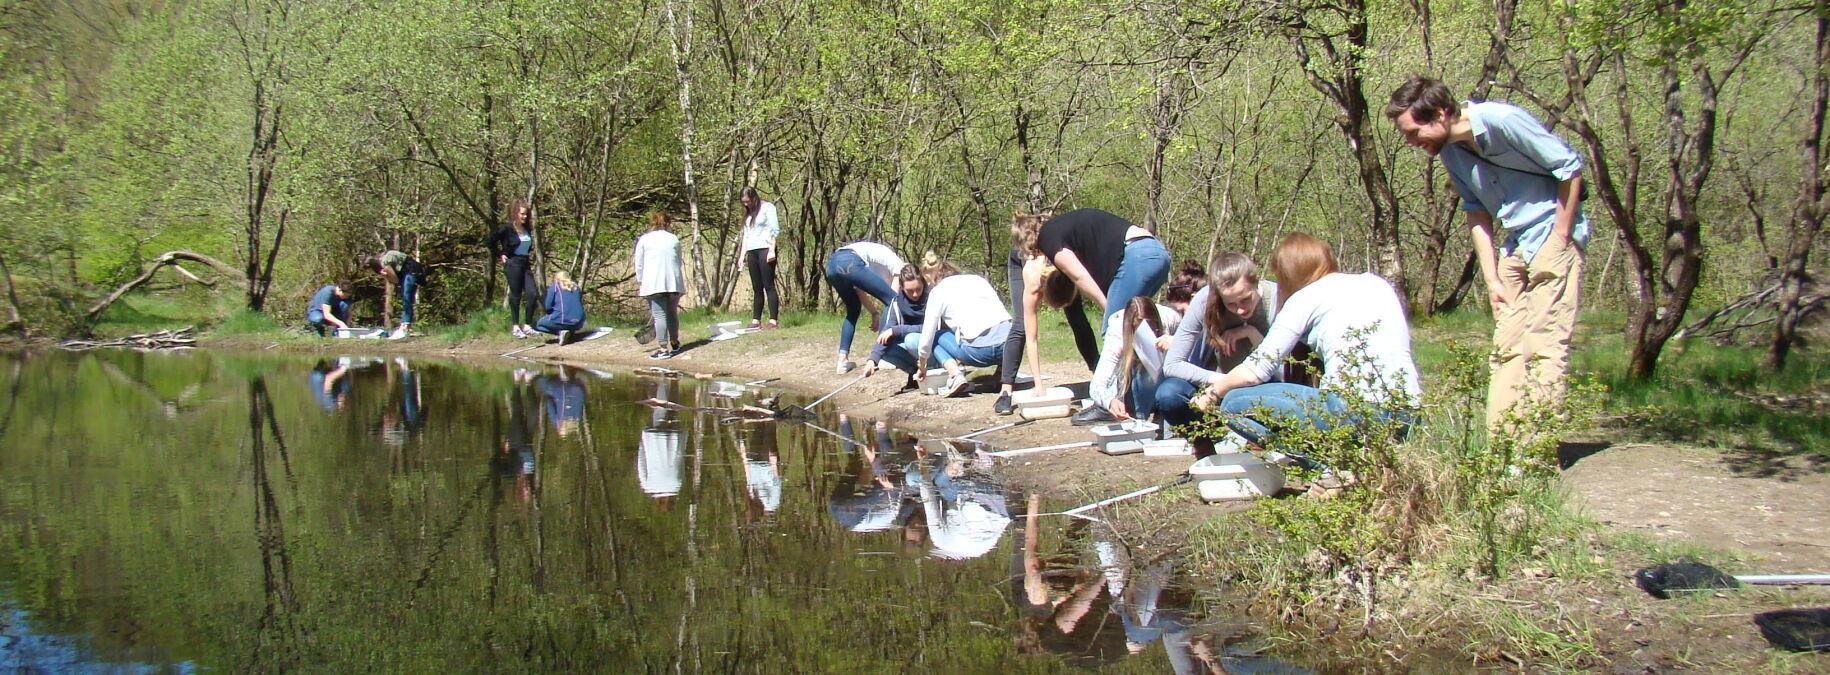 Studierende der Europa-Universität Flensburg zu Besuch in der Naturschule Fröruper Wald